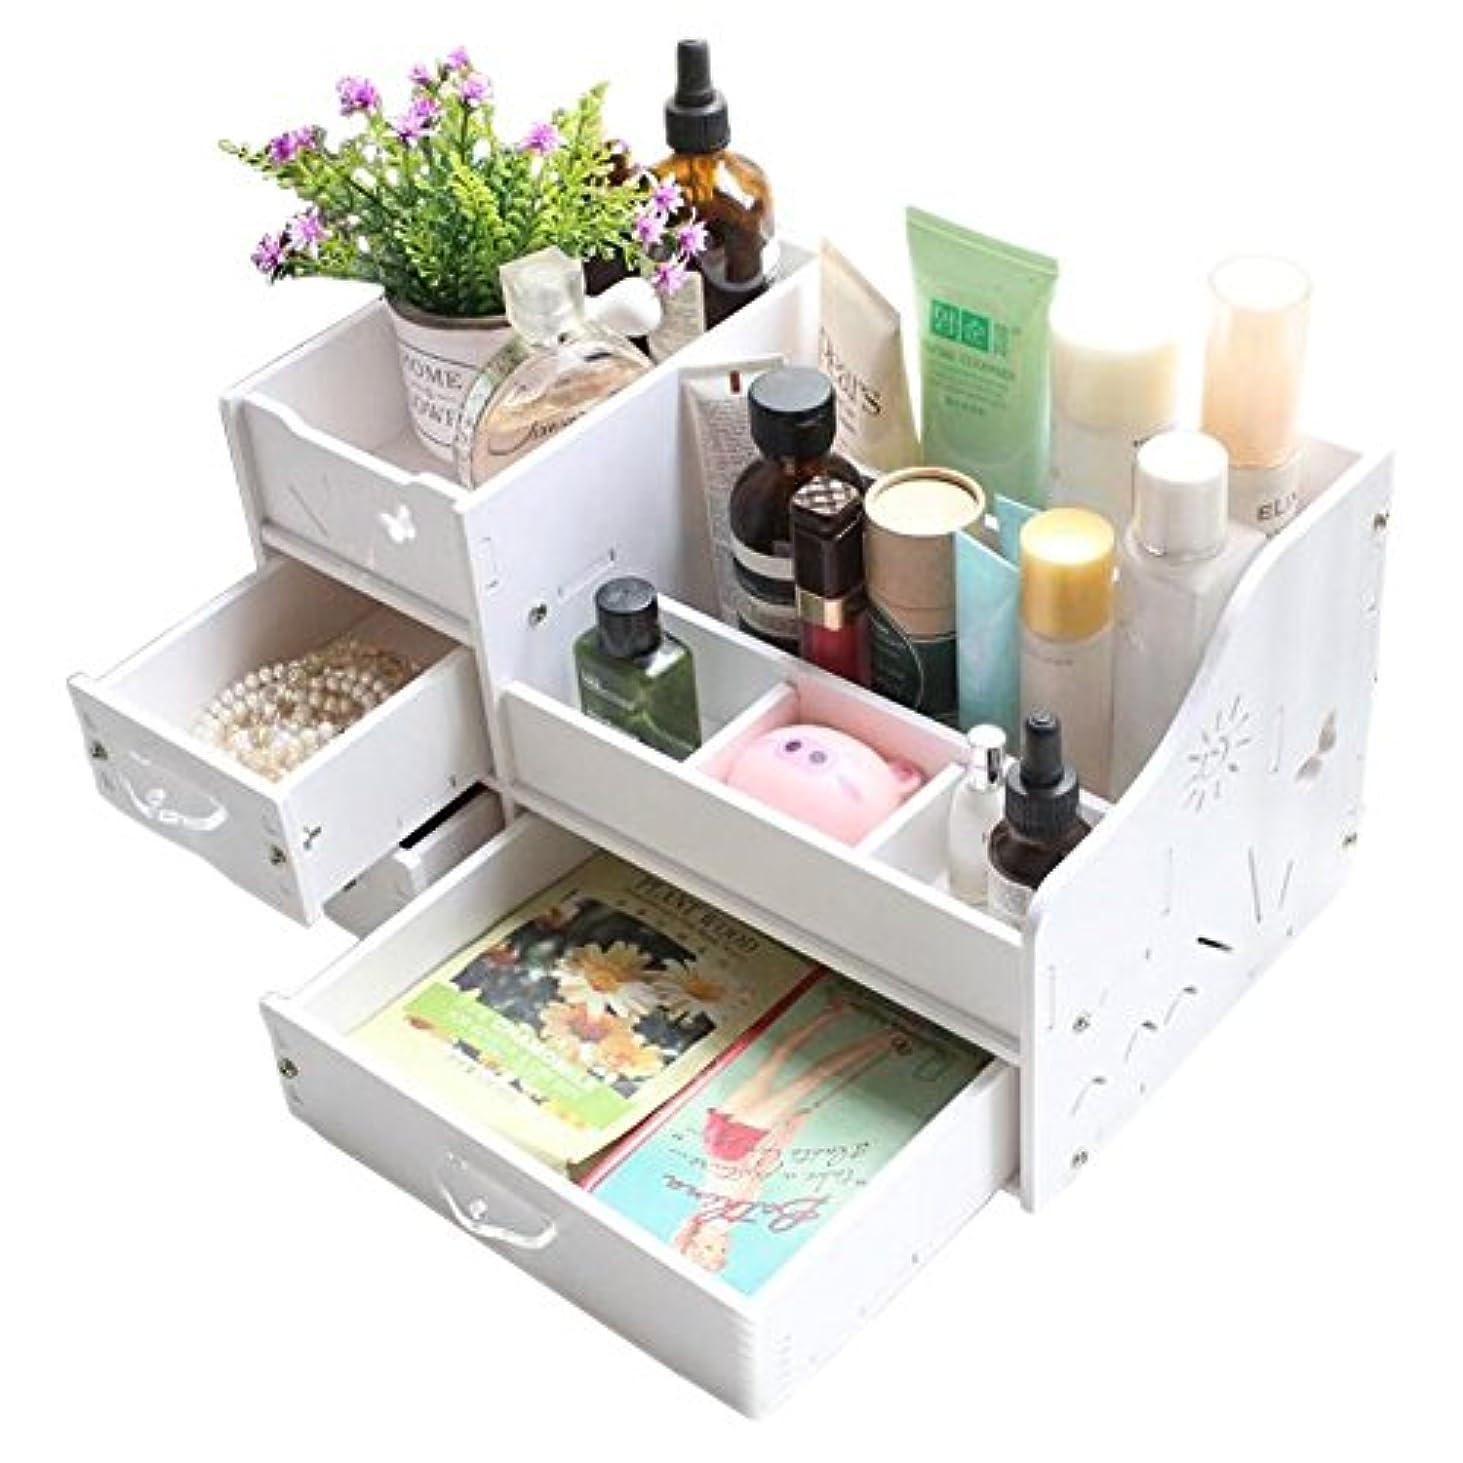 押す事業内容フラグラントINANA 収納ボックス メイクボックス コスメボックス ジュエリー ボックス アクセサリー ケース 収納 雑貨 小物入れ 化粧道具入れ 化粧品収納 便利 (ホワイト)